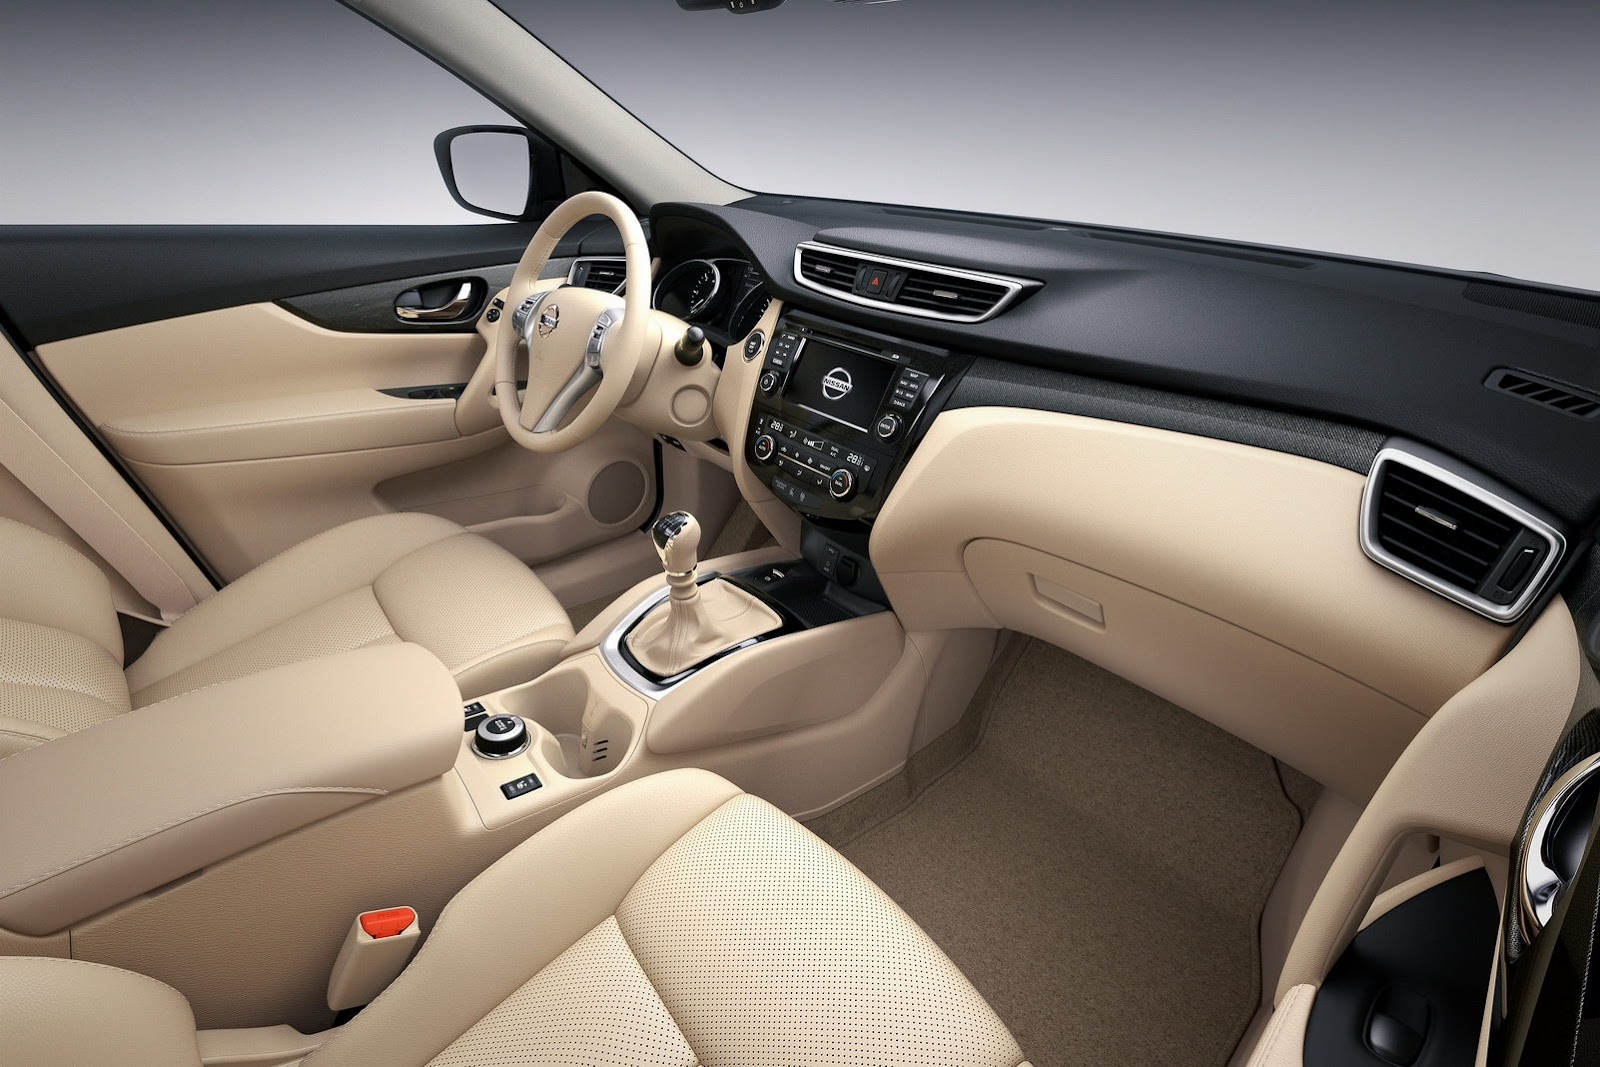 2014-Nissan-X-Trail-Rogue-41%25255B2%25255D.jpg